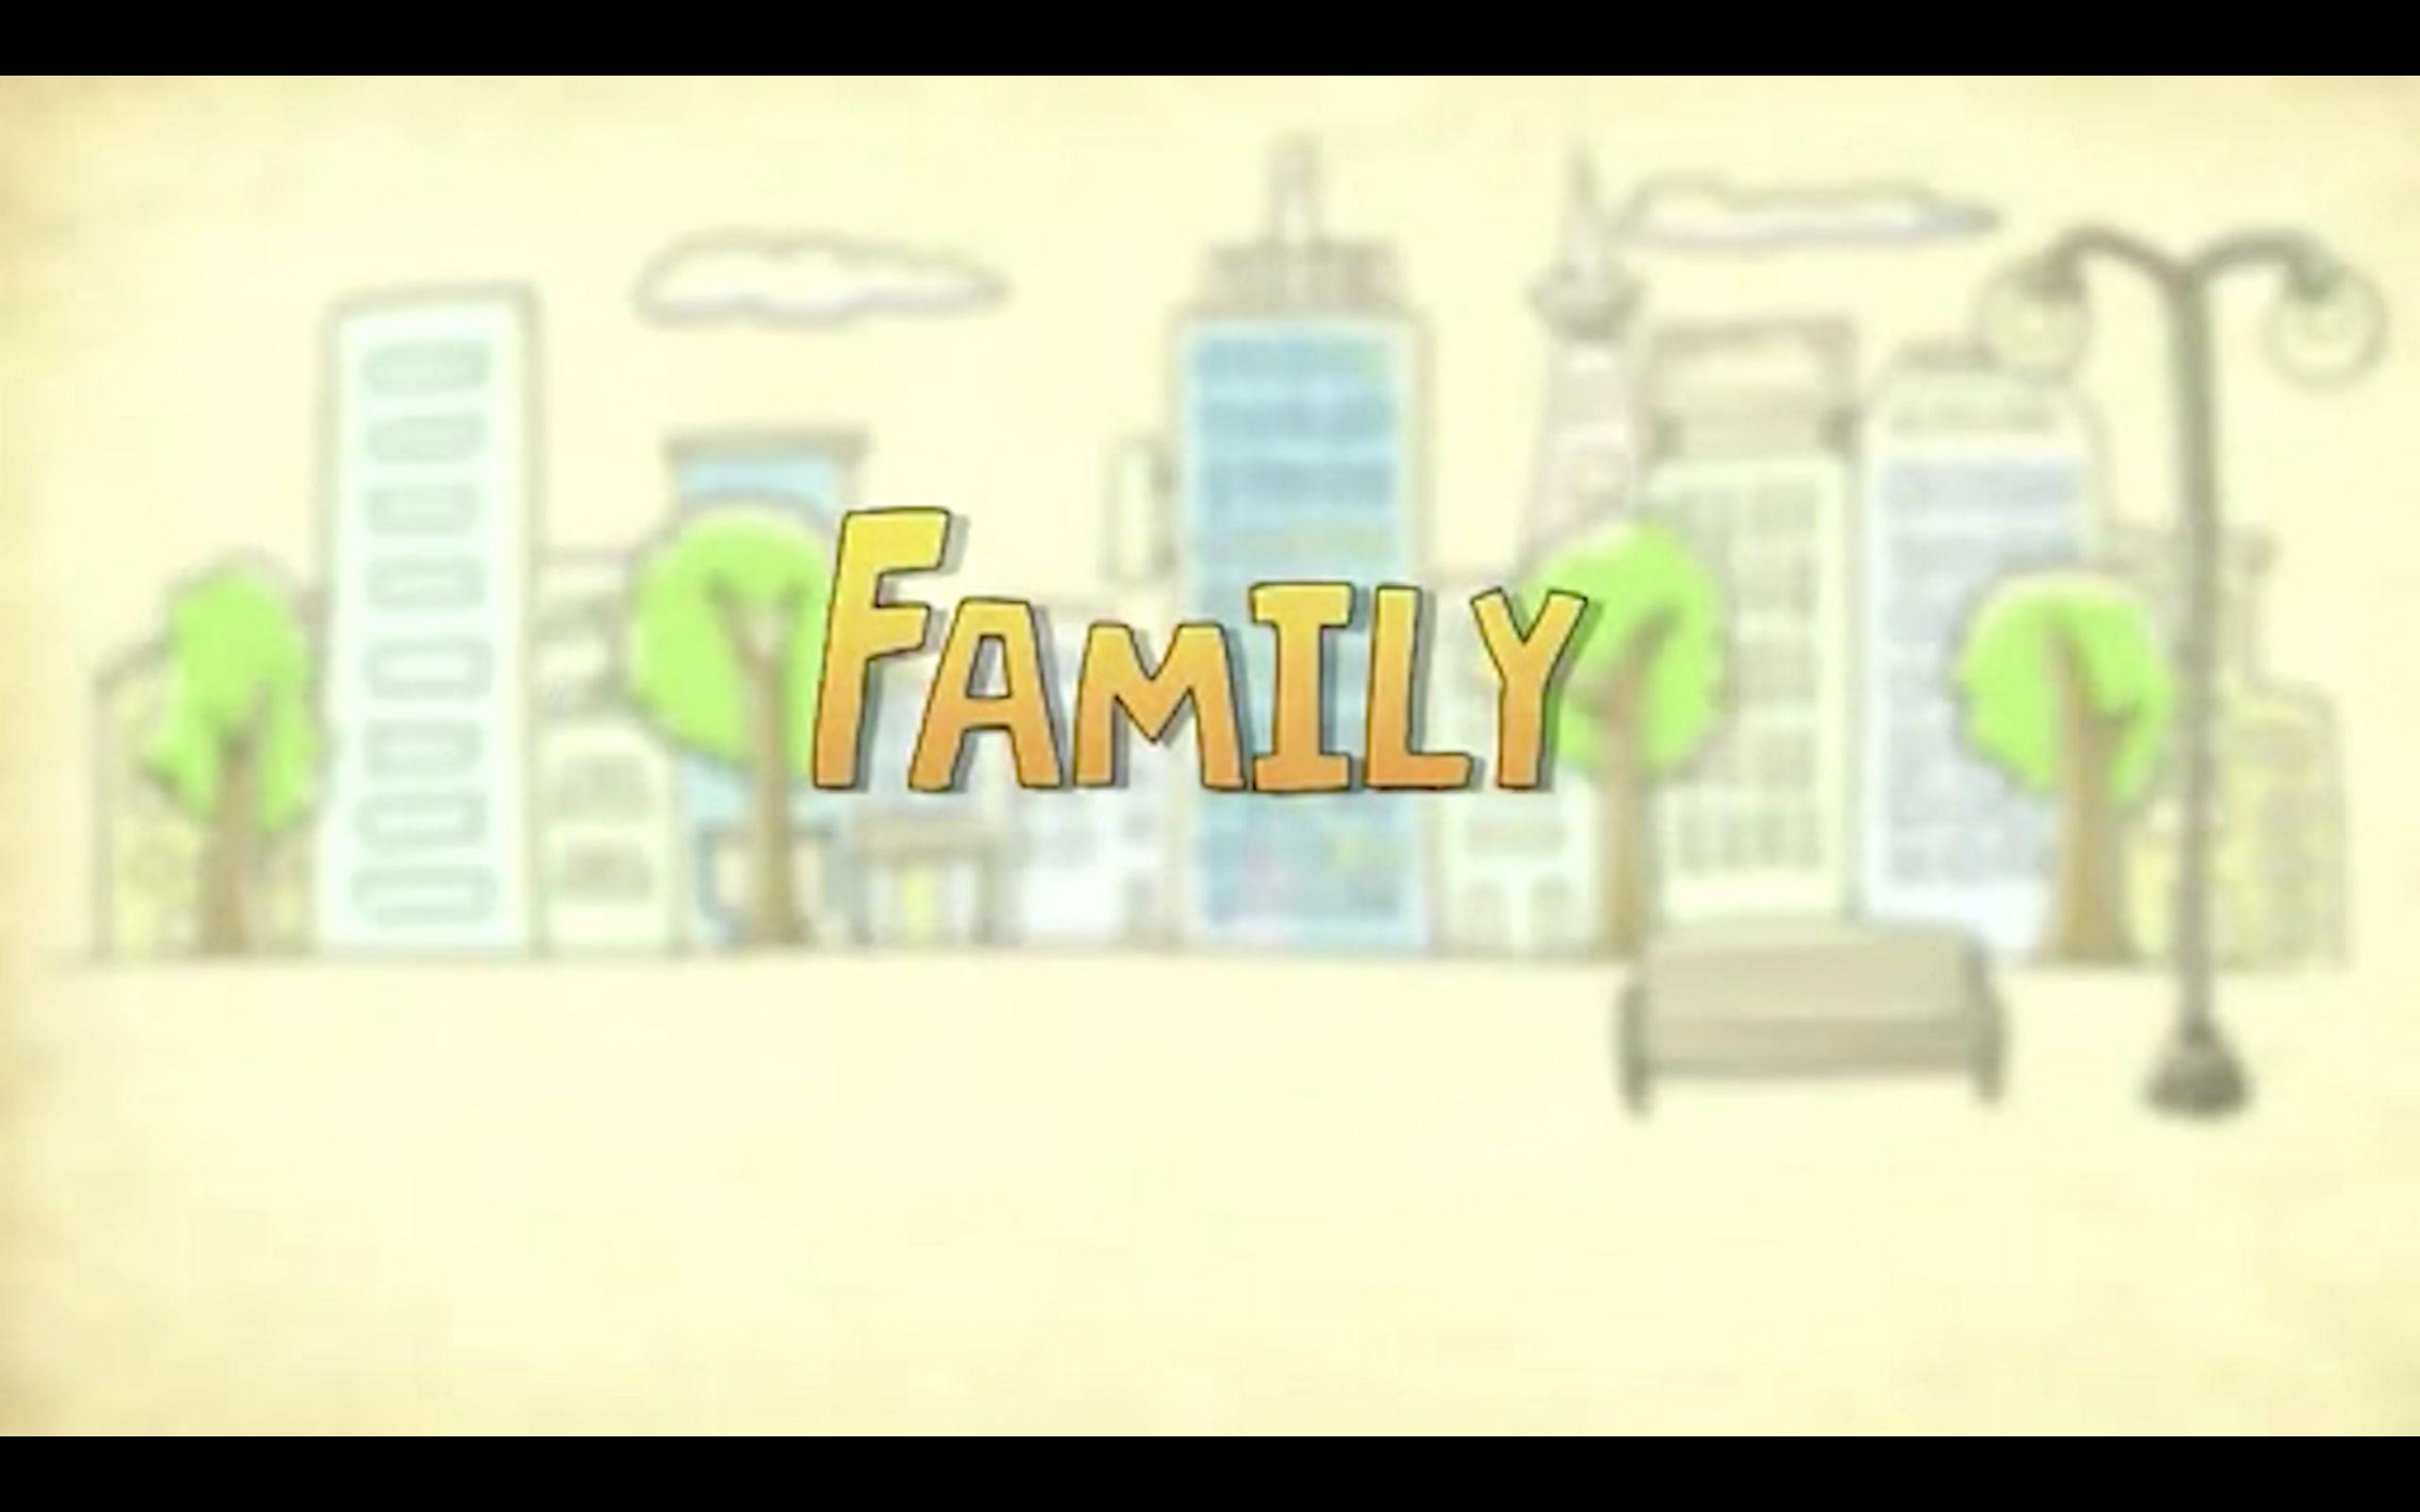 央视family_央视公益广告《family》英文配音中英双字幕_哔哩哔哩 (゜-゜)つロ ...